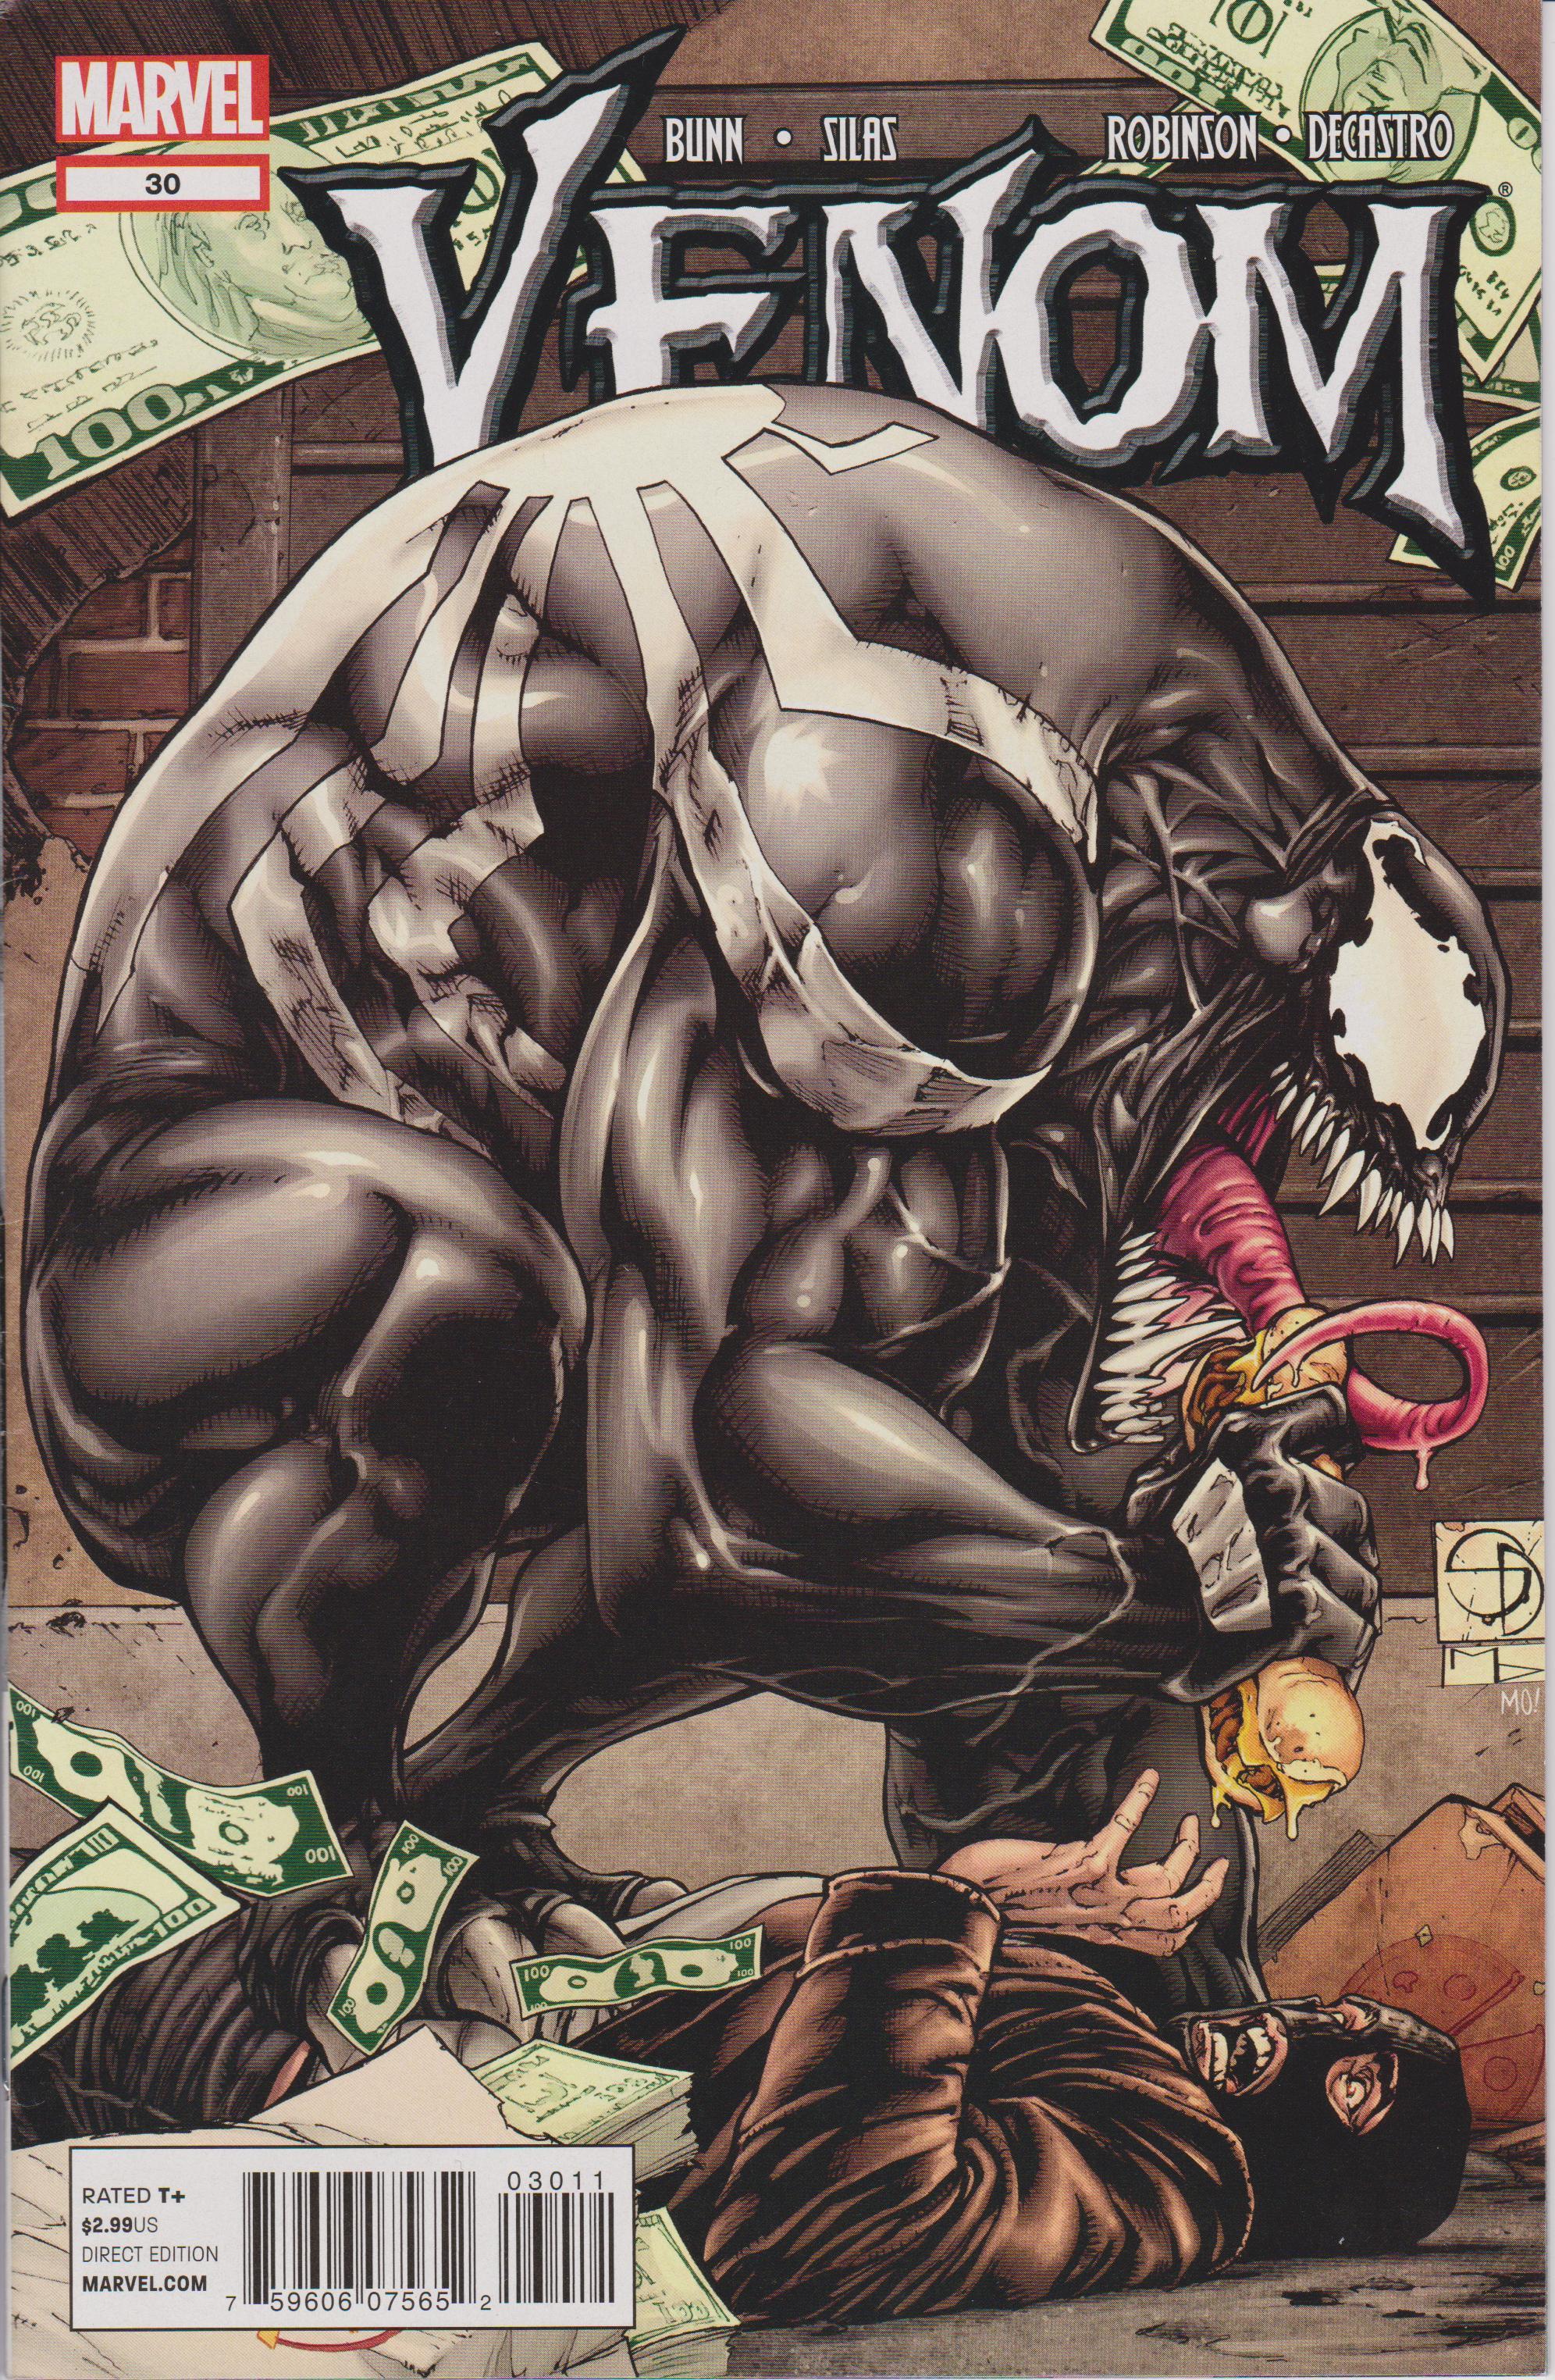 Spider Man Crawlspace » Archive for Venom